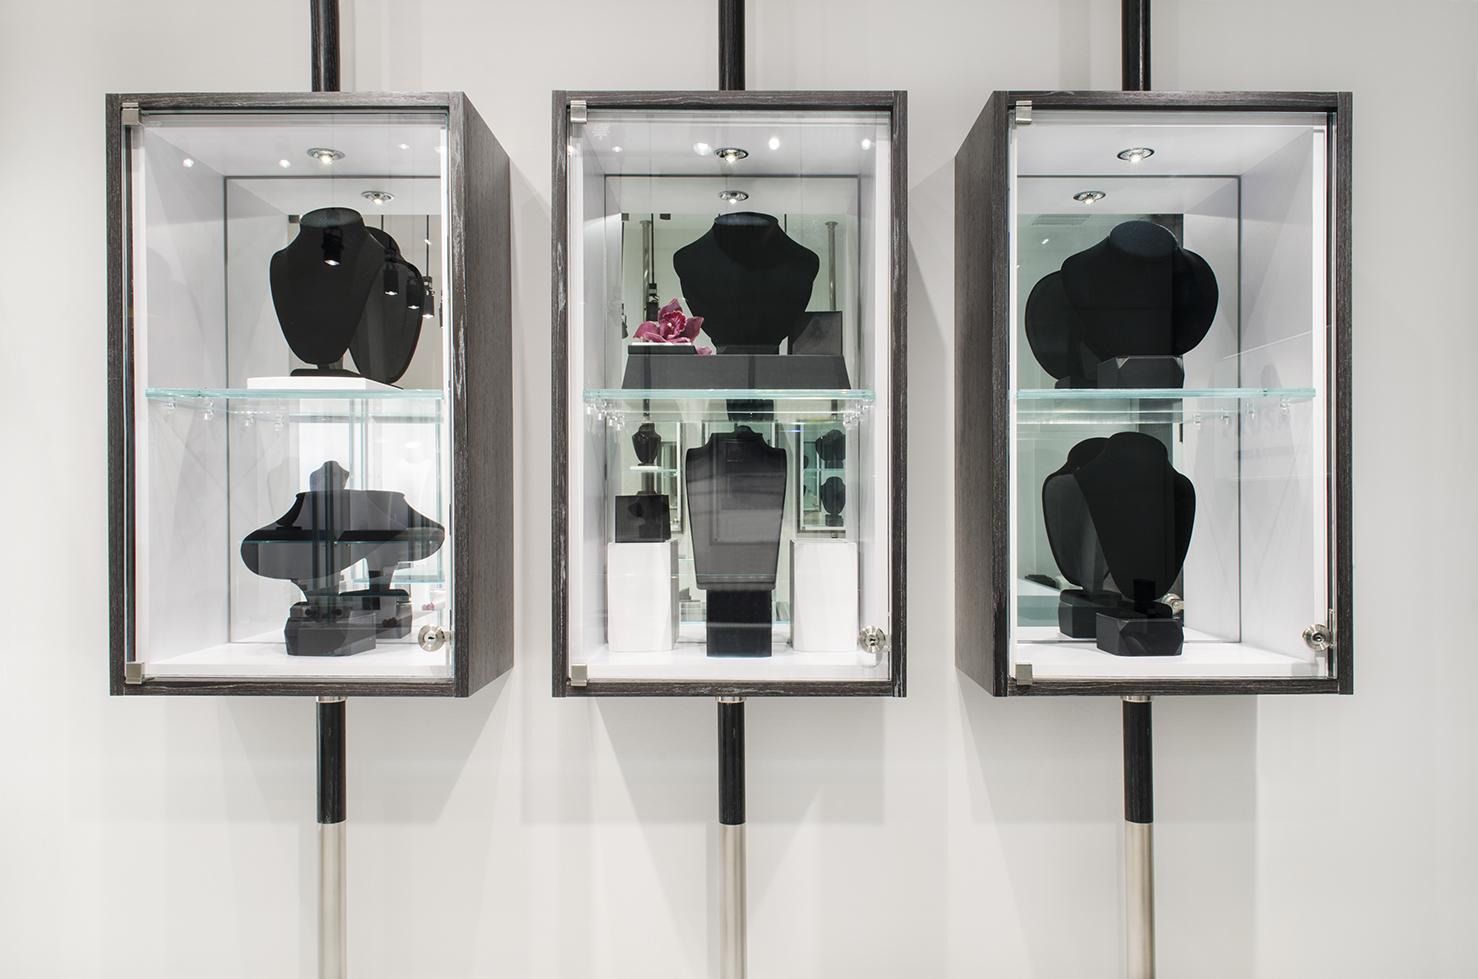 display cases 3.jpg